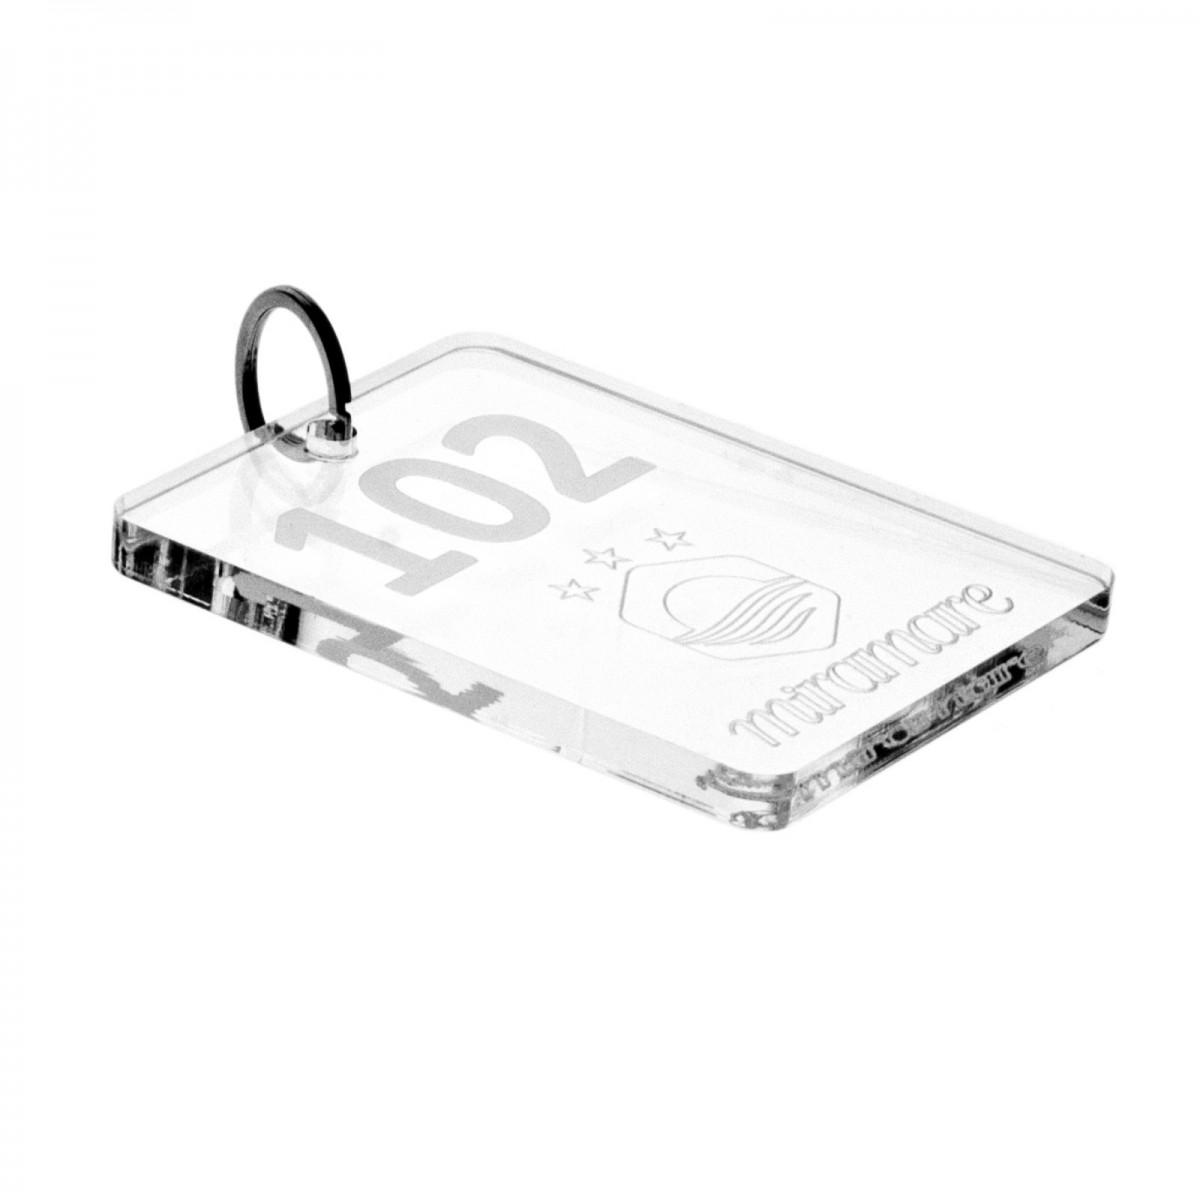 E-048 PC-D - Portachiavi per hotel in plexiglass trasparente Incisione Piena - Misure: 8 x H10 cm - D